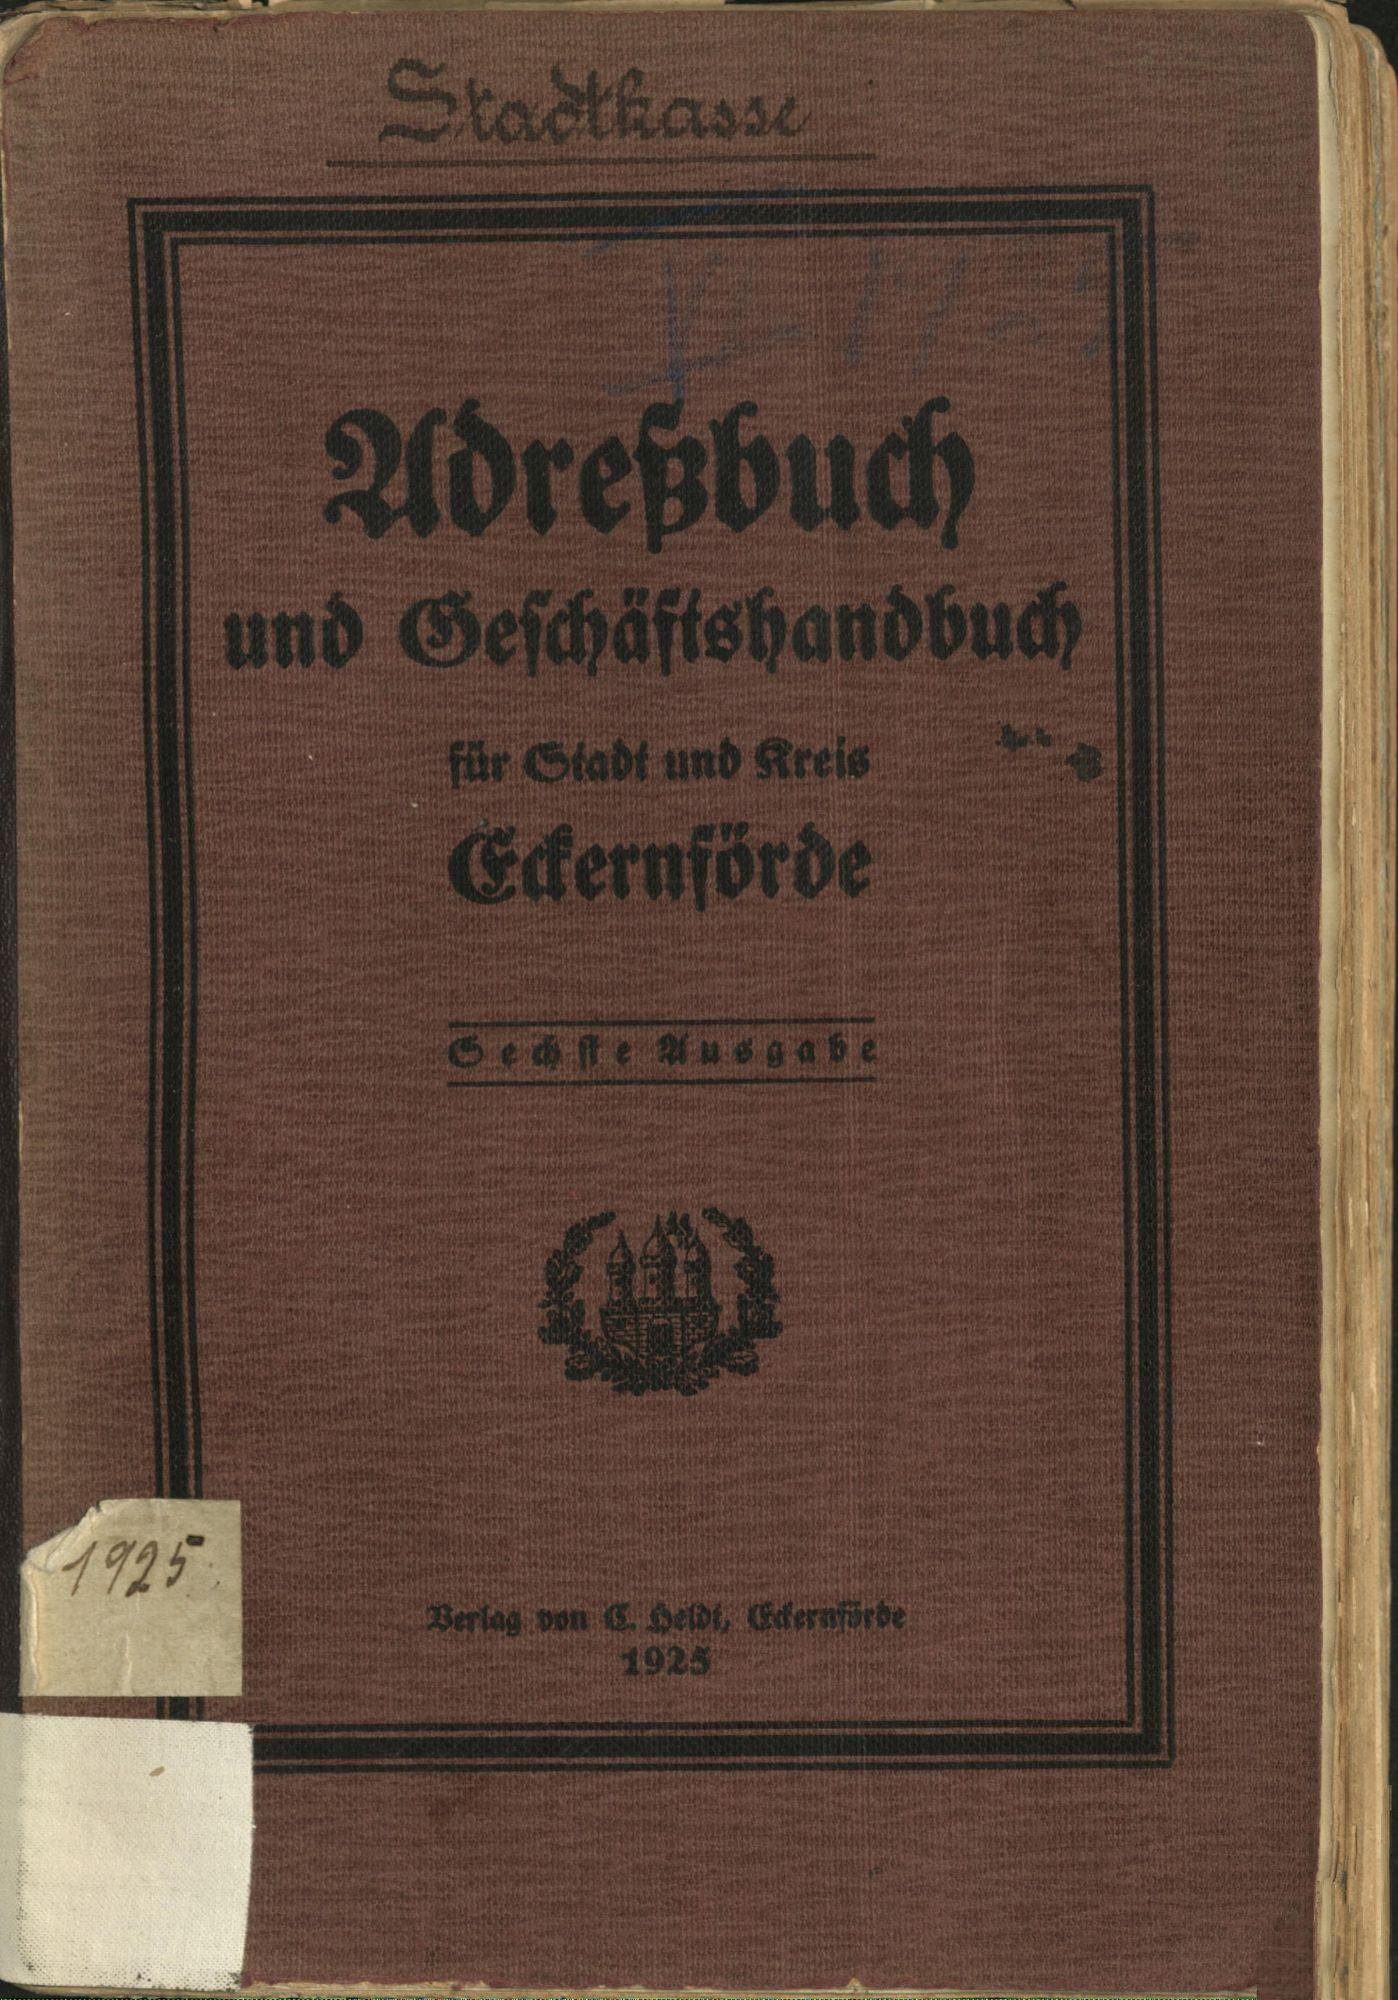 Adreßbuch und Geschäftshandbuch für Stadt und Kreis Eckernförde 1925